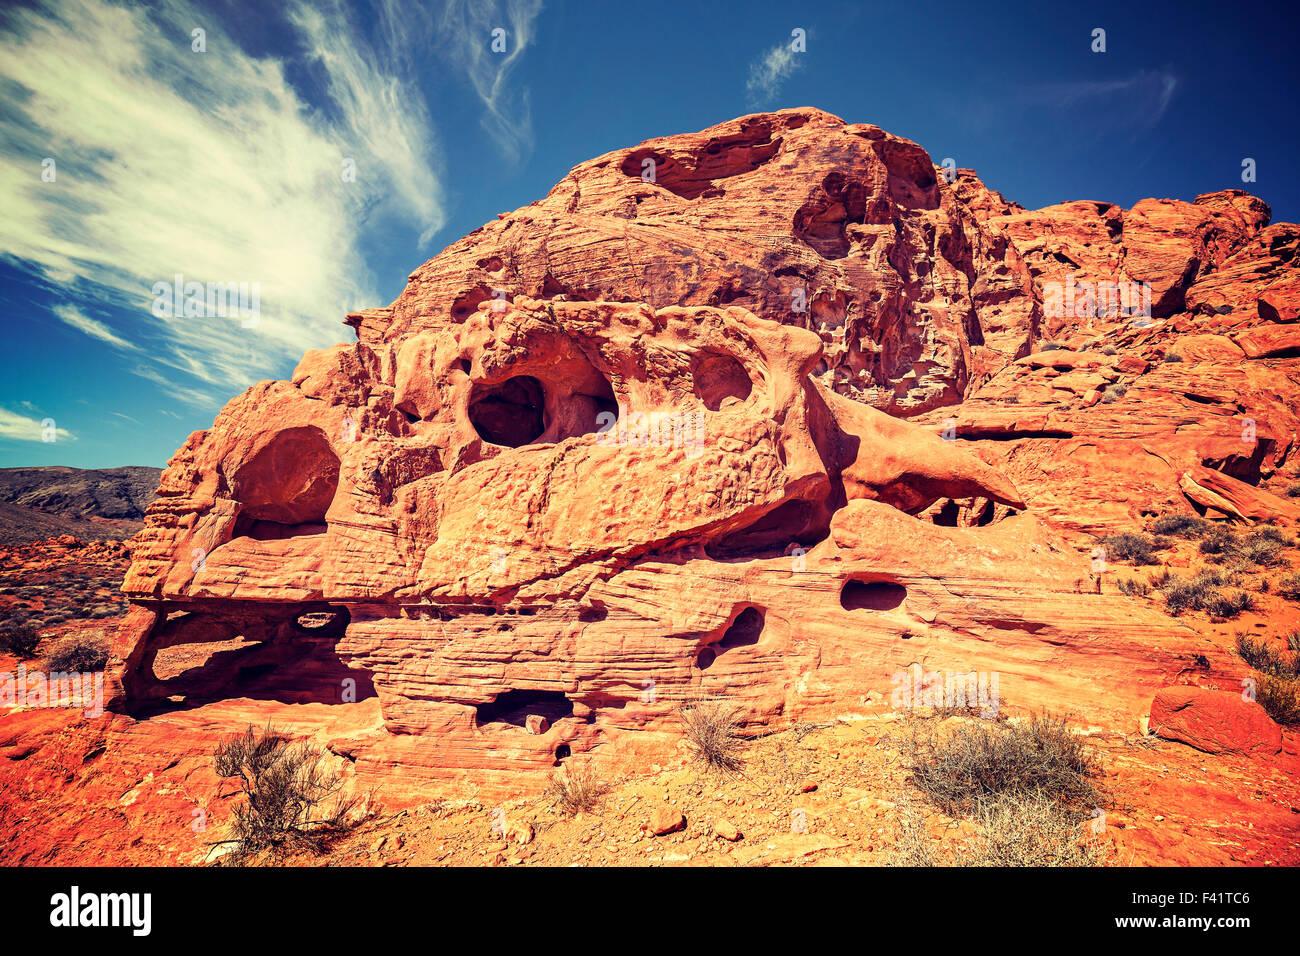 Vintage tonica cranio come formazione di roccia, la Valle del Fuoco State Park, Stati Uniti d'America. Immagini Stock